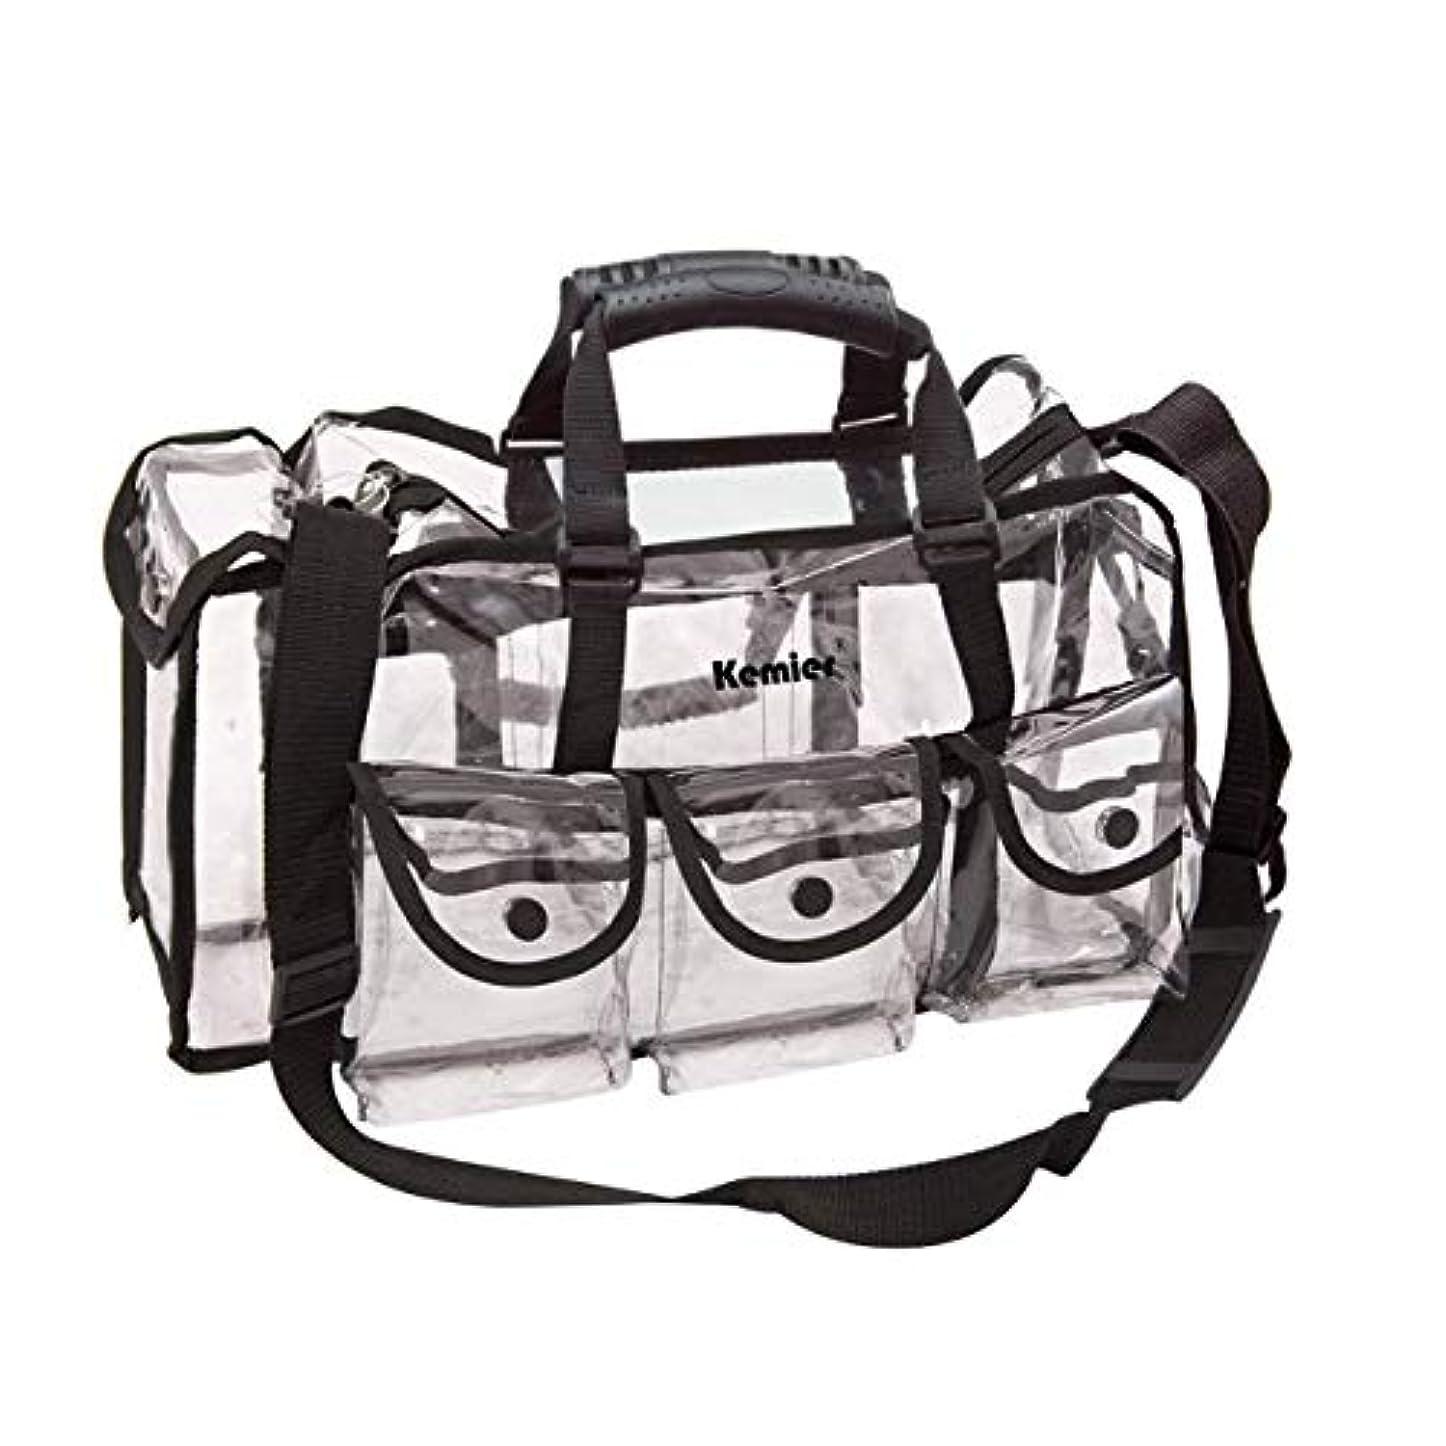 偉業のために荒廃するKemier 透明 ハンドバッグ 機能的 コスメポーチ メイクポーチ メイクケース 小物入れ 化粧道具 整理整頓 軽量 防水 旅行 小物入れ 6つの外側ポケット付き